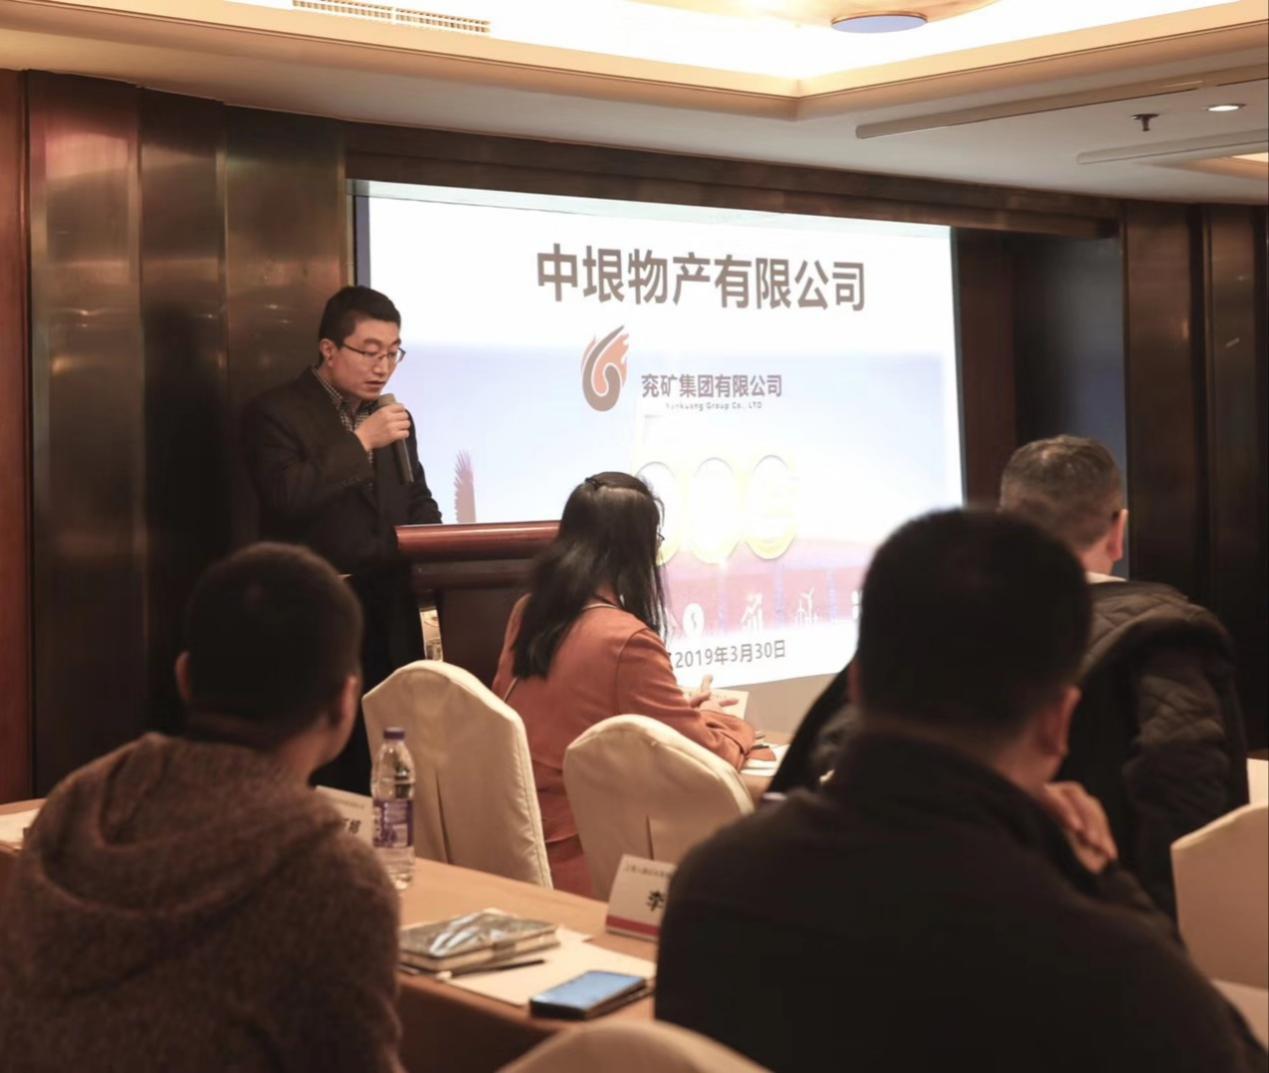 2019年浙商期货&中垠融通首届产融结合发展论坛成功举办